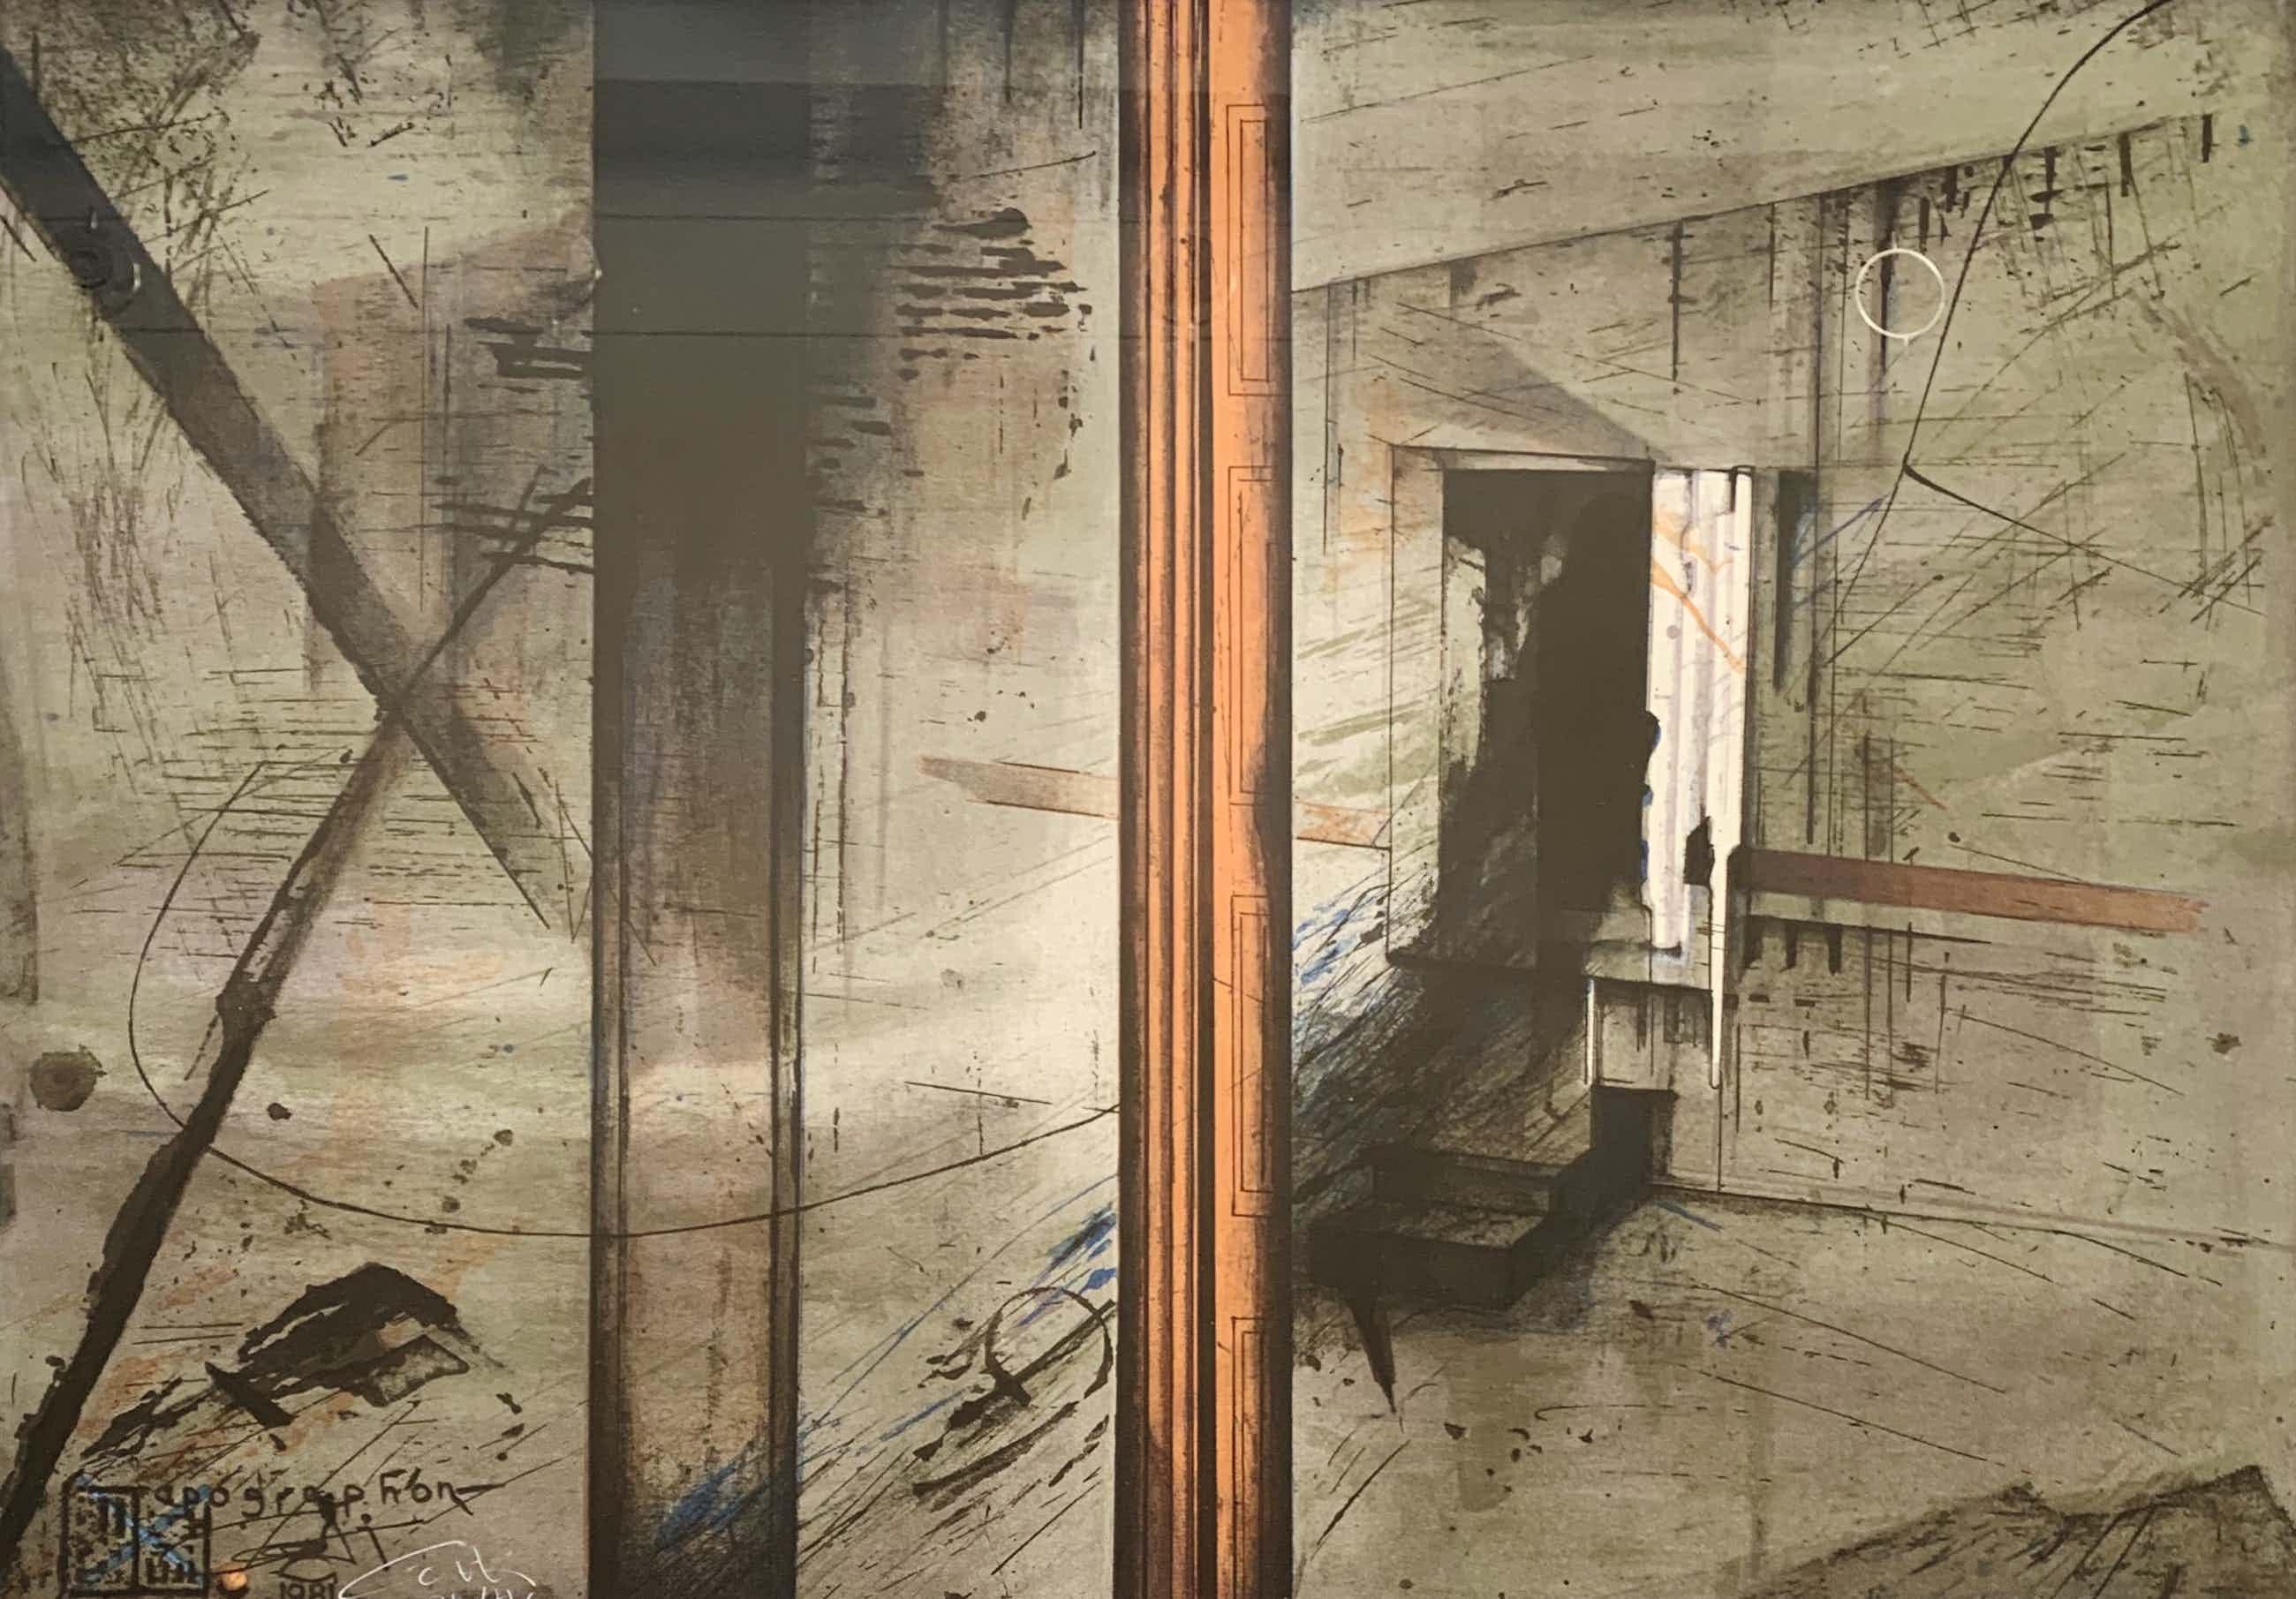 Gerti Bierenbroodspot - kleurenlitho - 'Apographon Saqqara' - 1981 kopen? Bied vanaf 175!